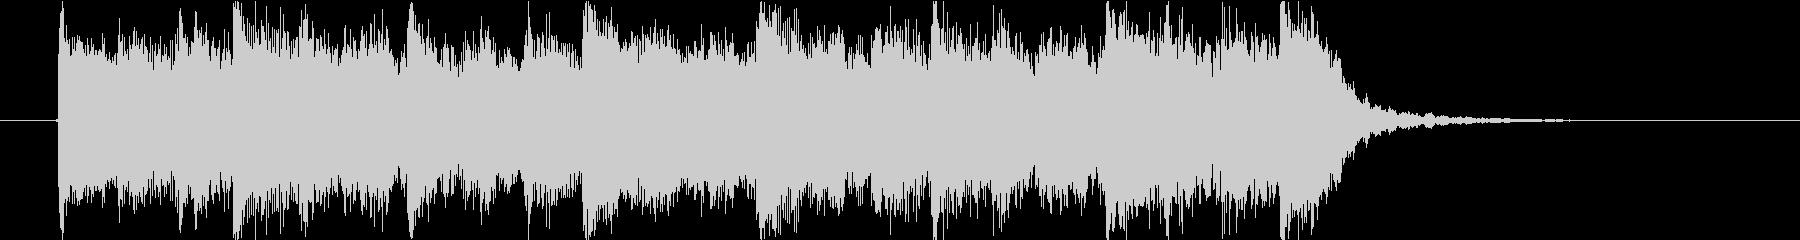 モンスターの唸り声とハロウィンのジングルの未再生の波形